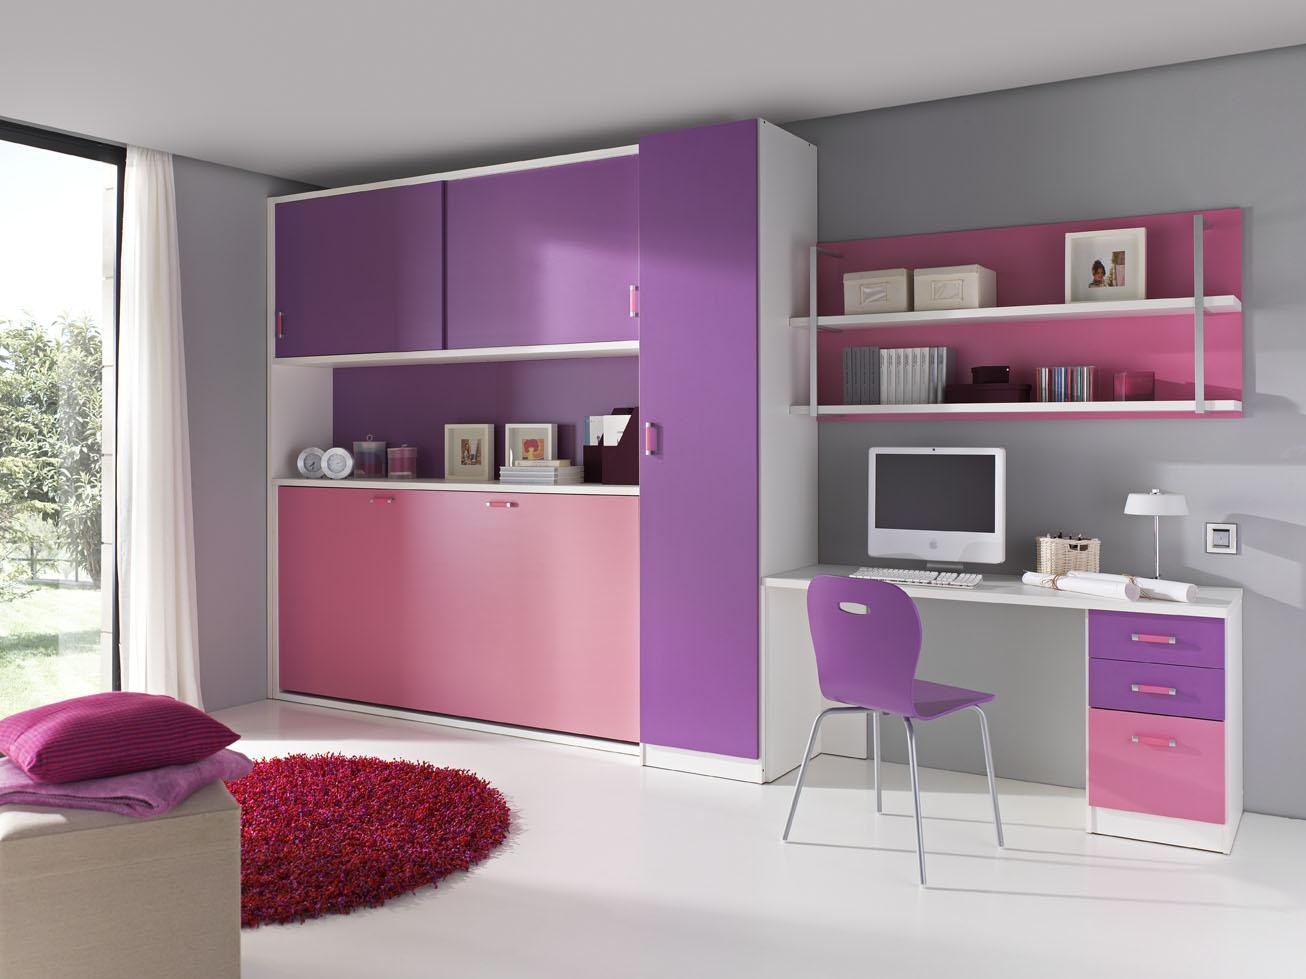 Dormitorios y muebles de madera para bebes recien nacidos for Muebles de dormitorio